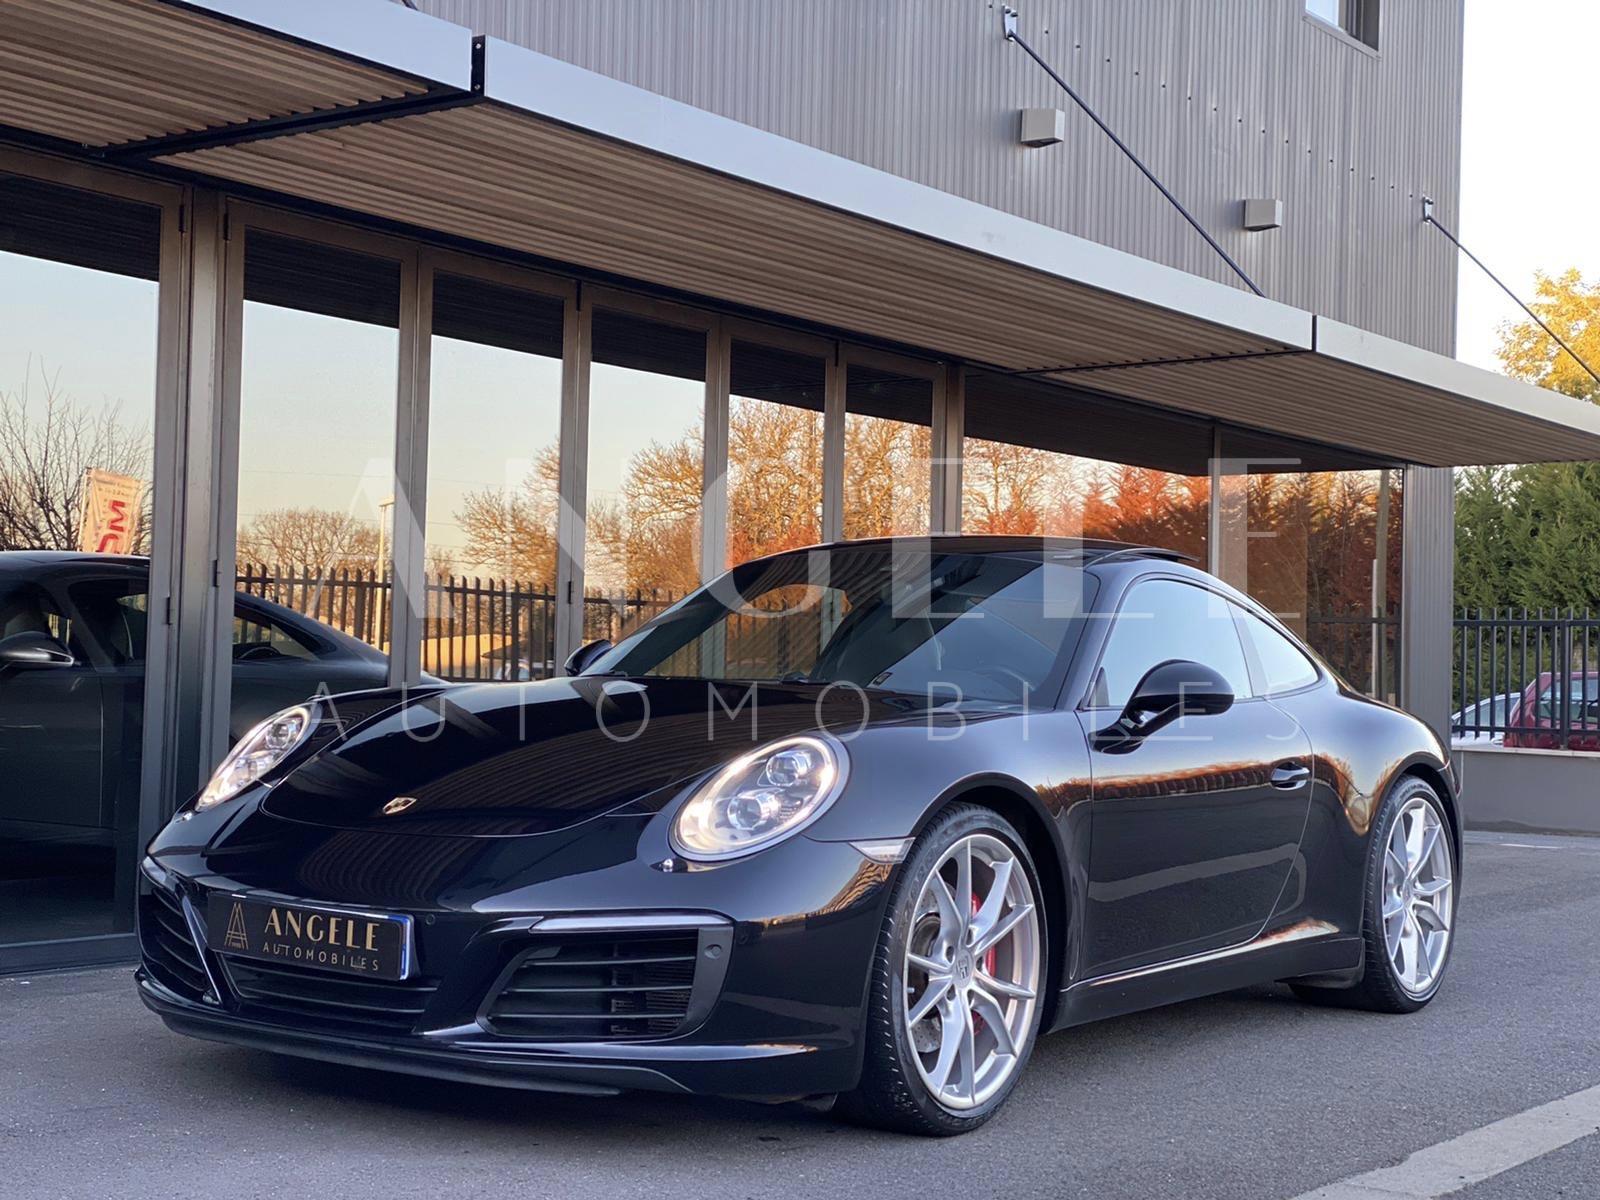 Porsche 911 Carrera S- Angelé Automobiles